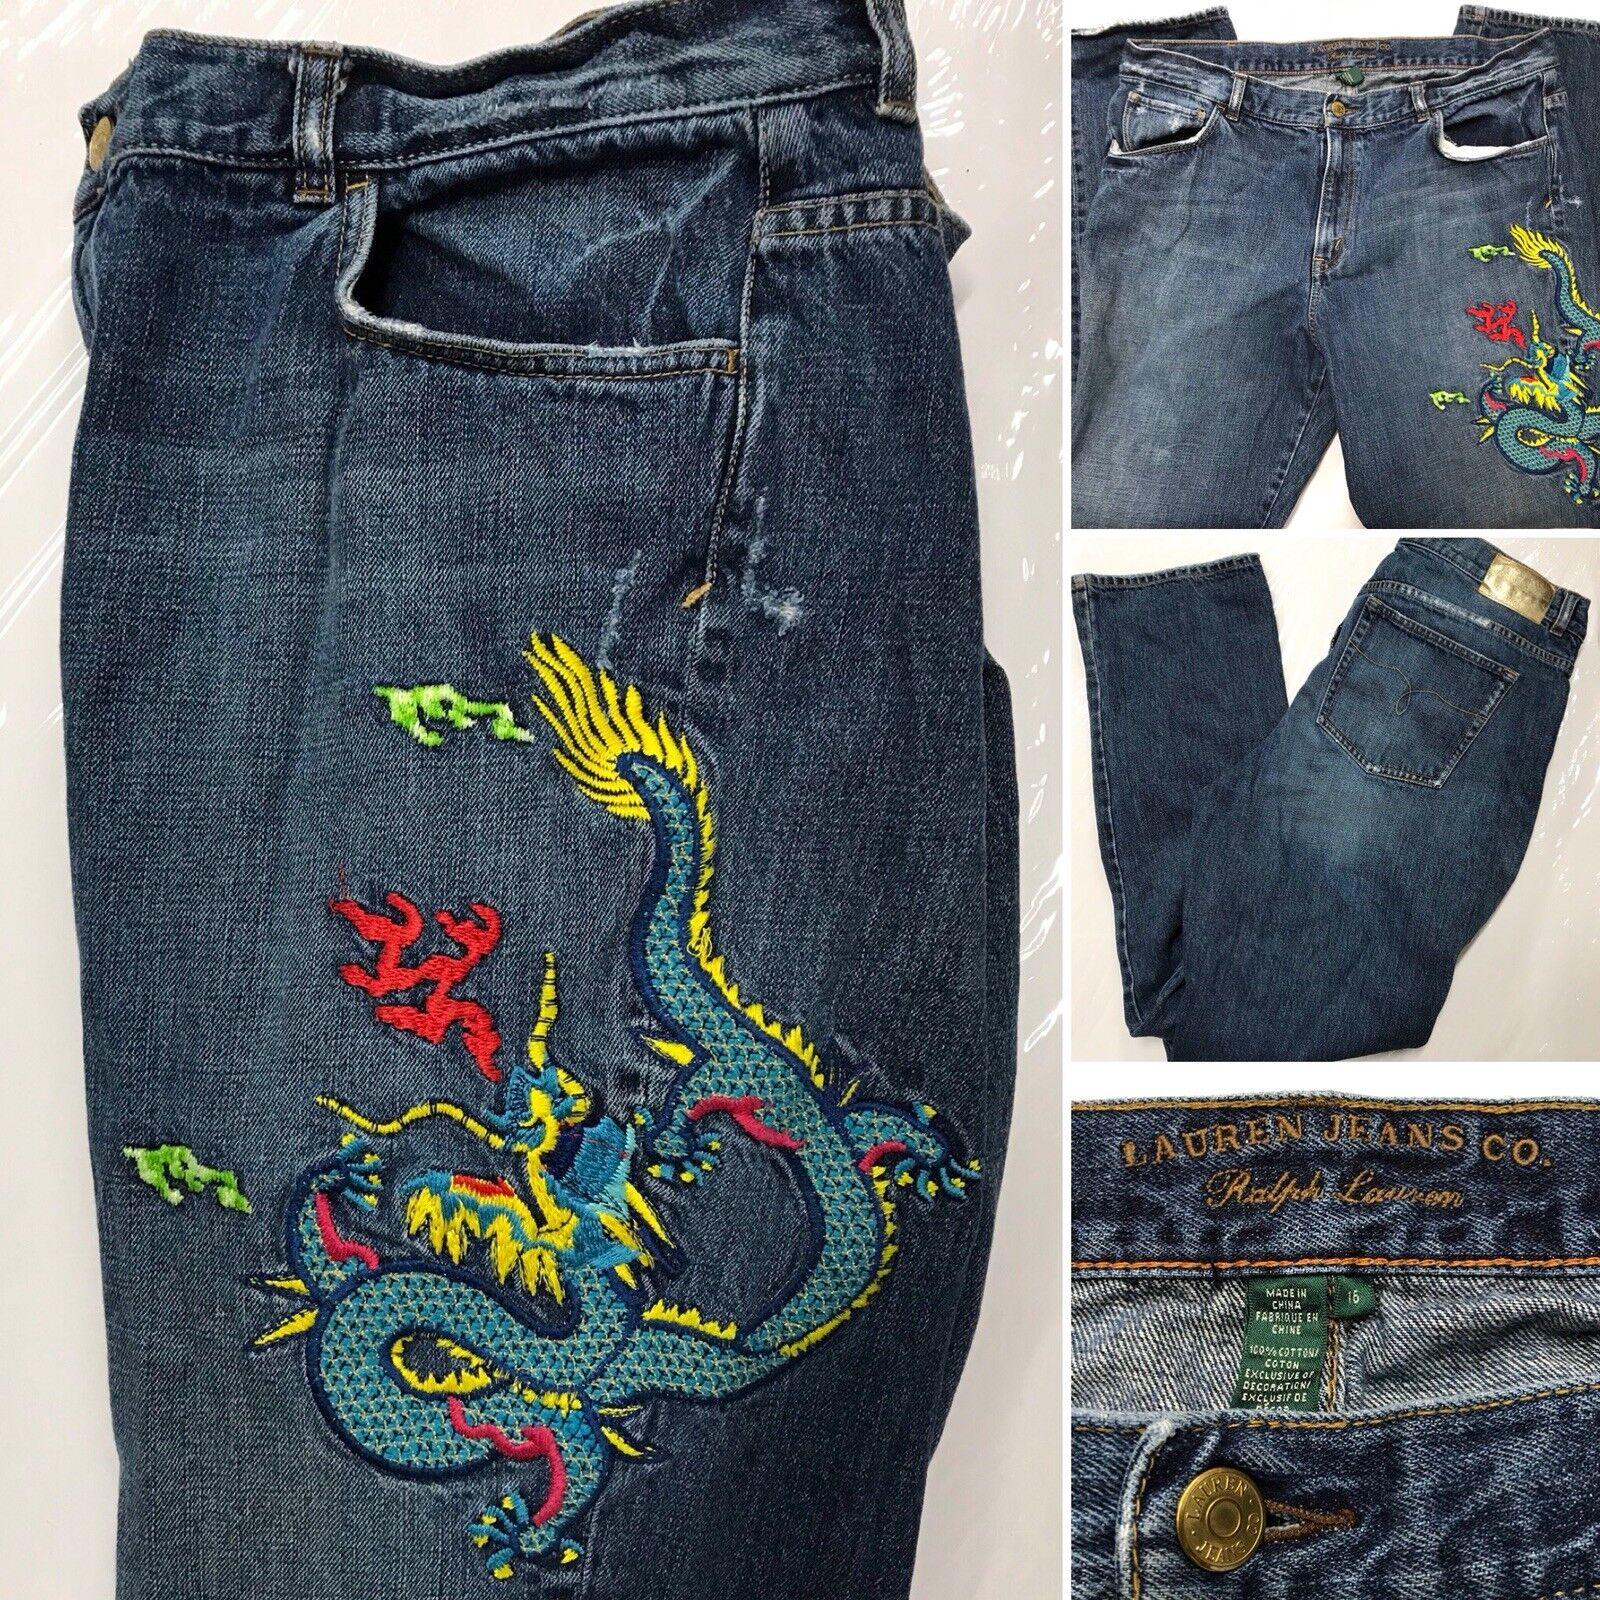 Ralph Lauren Denim DRAGON Embroidered Jeans Straight Women's 16 LRL